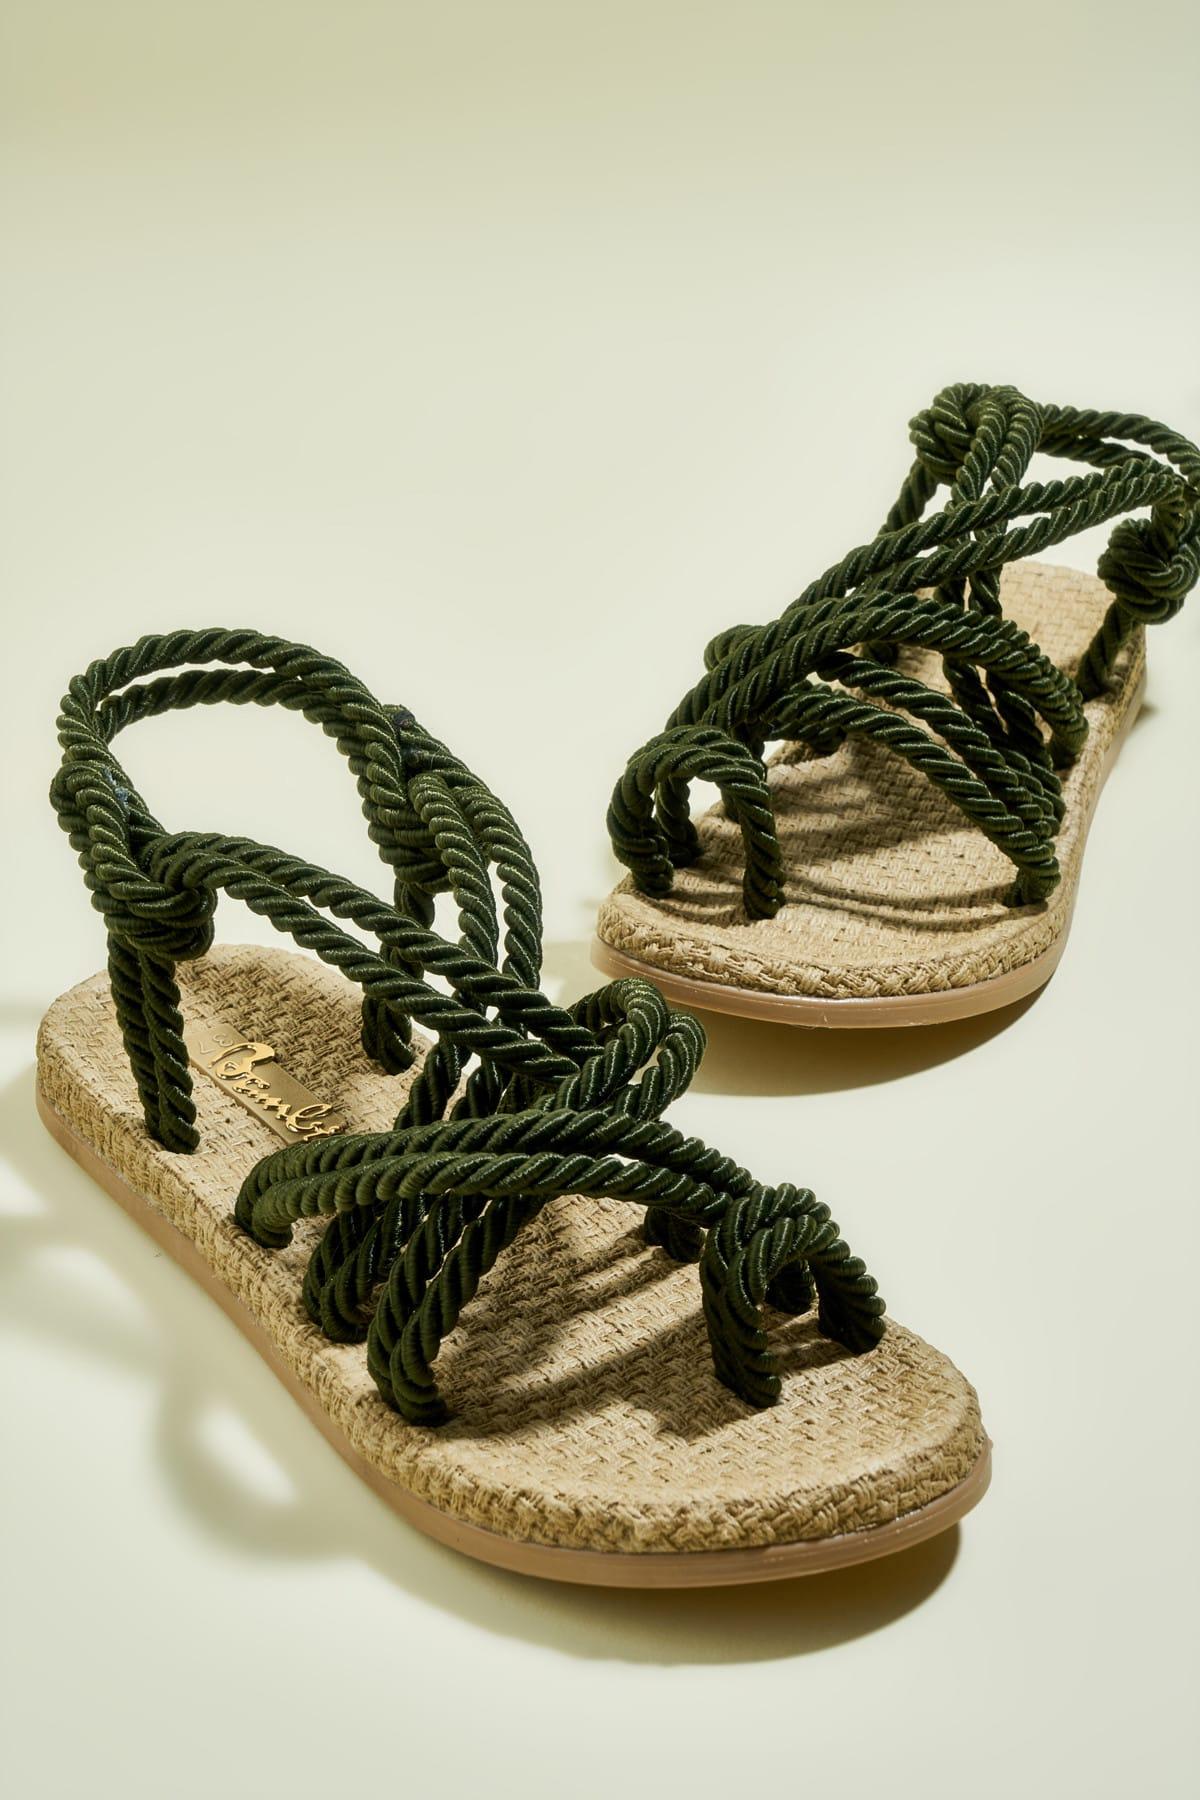 Bambi Haki Kadın Sandalet H0578010160